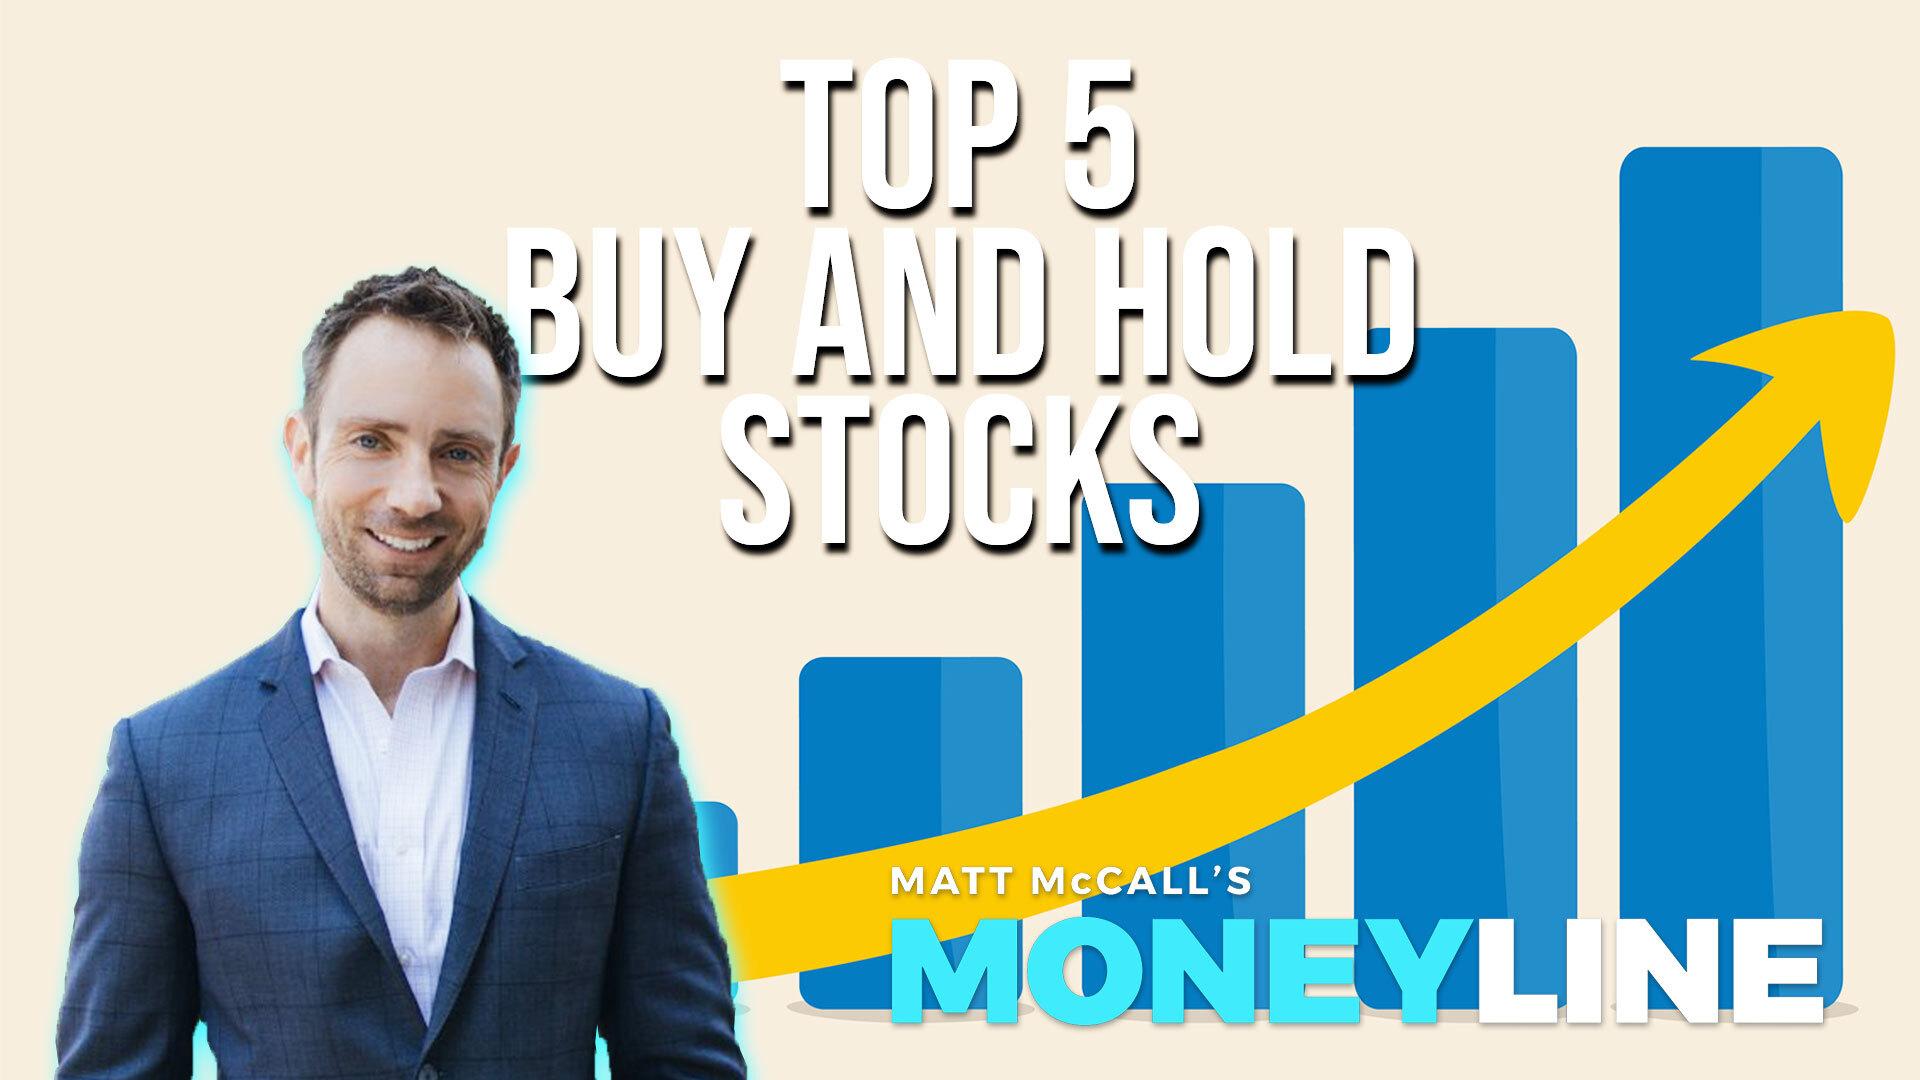 Matt McCall's Moneyline: Top 5 Buy and Hold Stocks